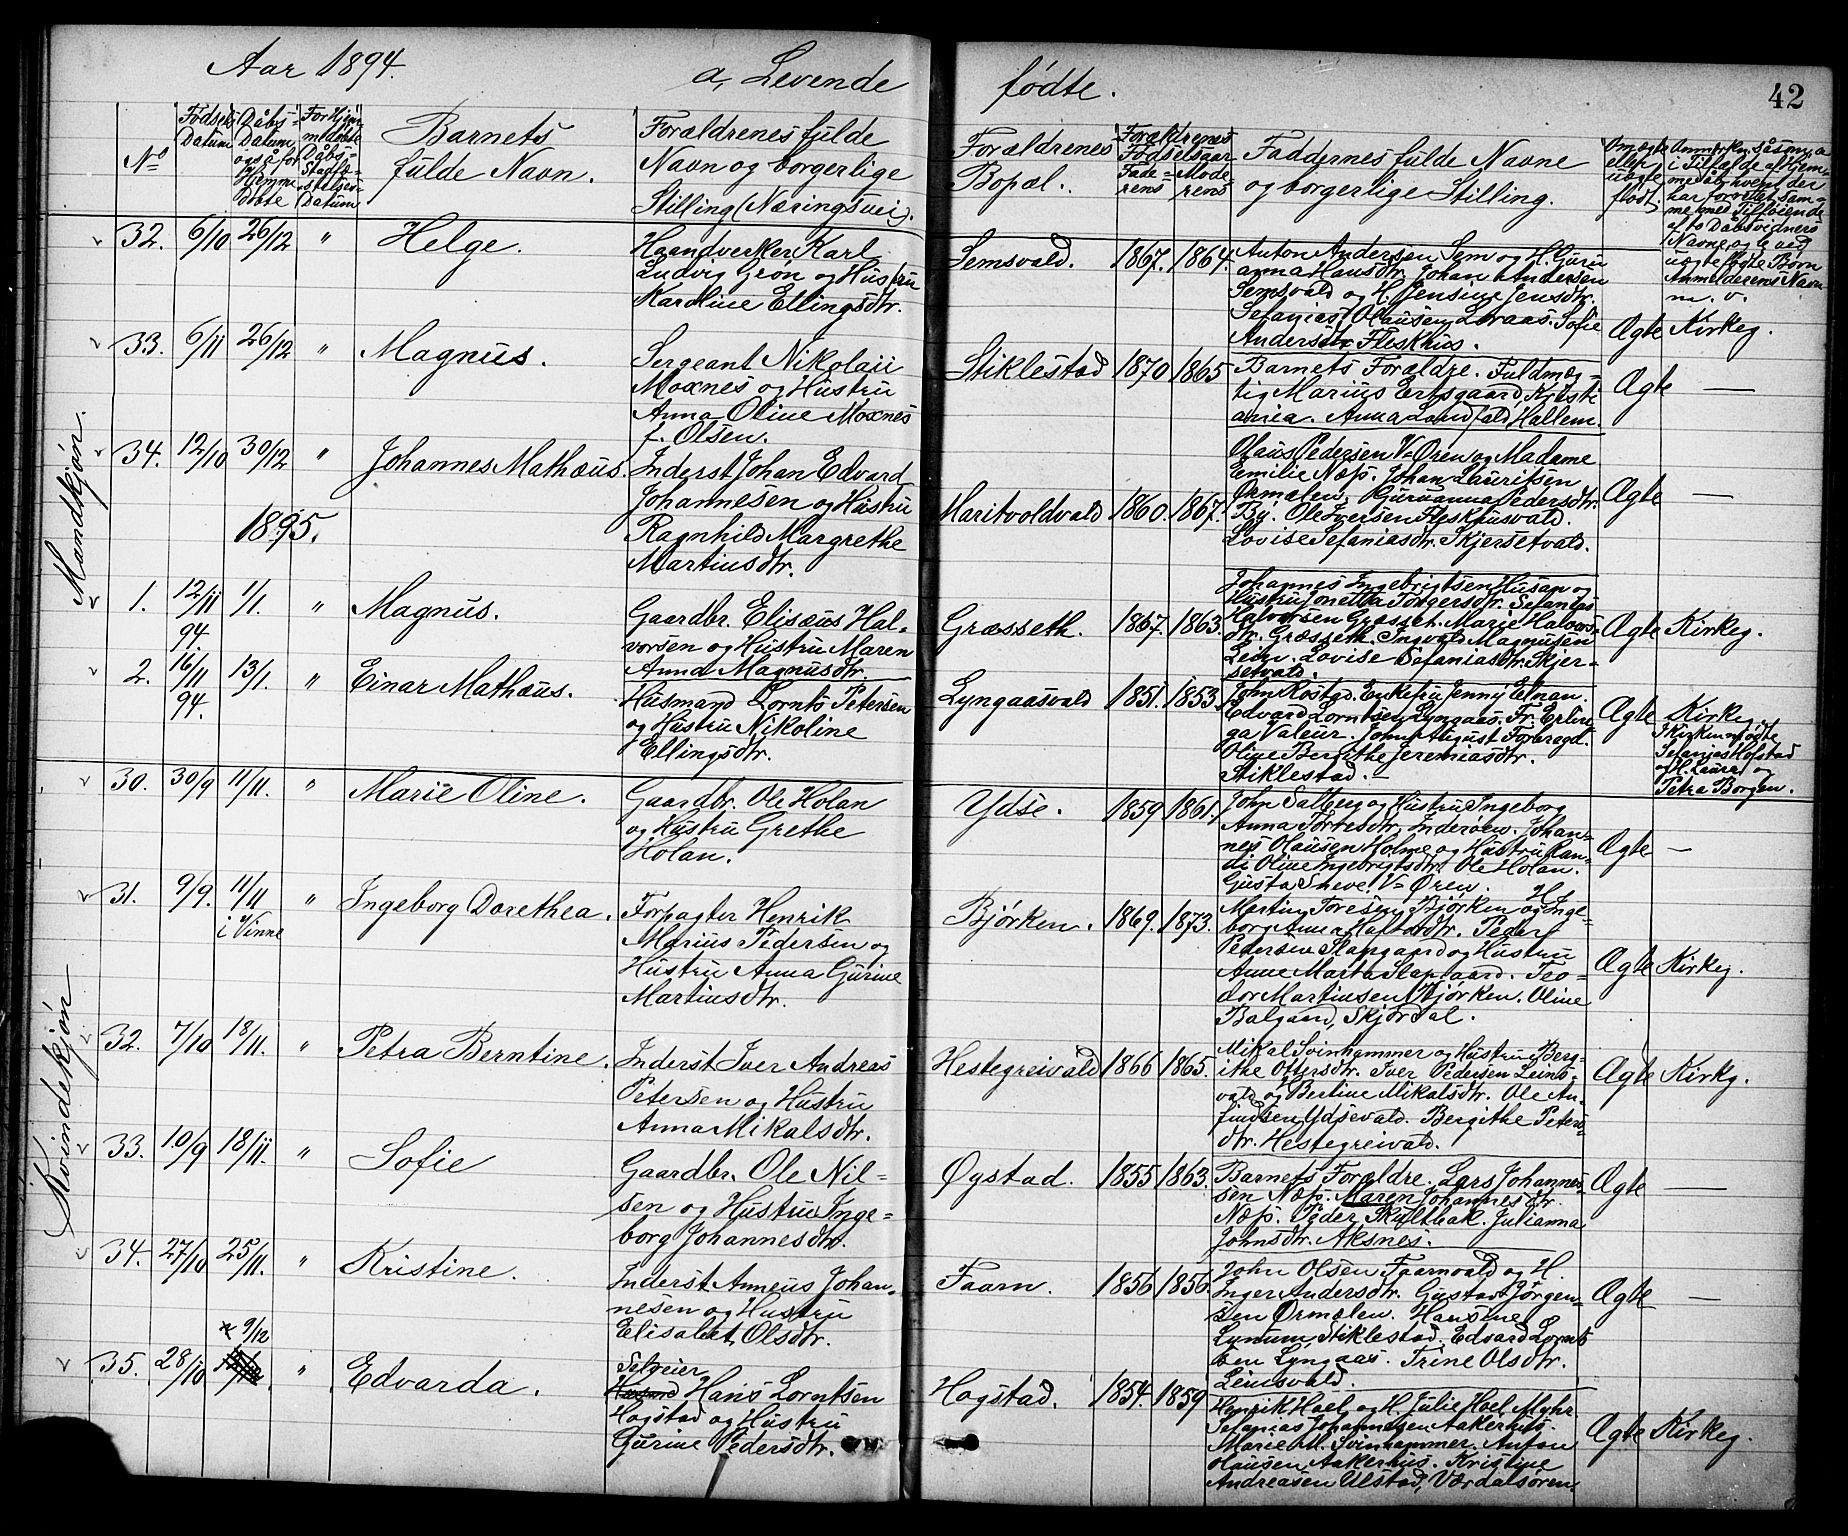 SAT, Ministerialprotokoller, klokkerbøker og fødselsregistre - Nord-Trøndelag, 723/L0257: Klokkerbok nr. 723C05, 1890-1907, s. 42